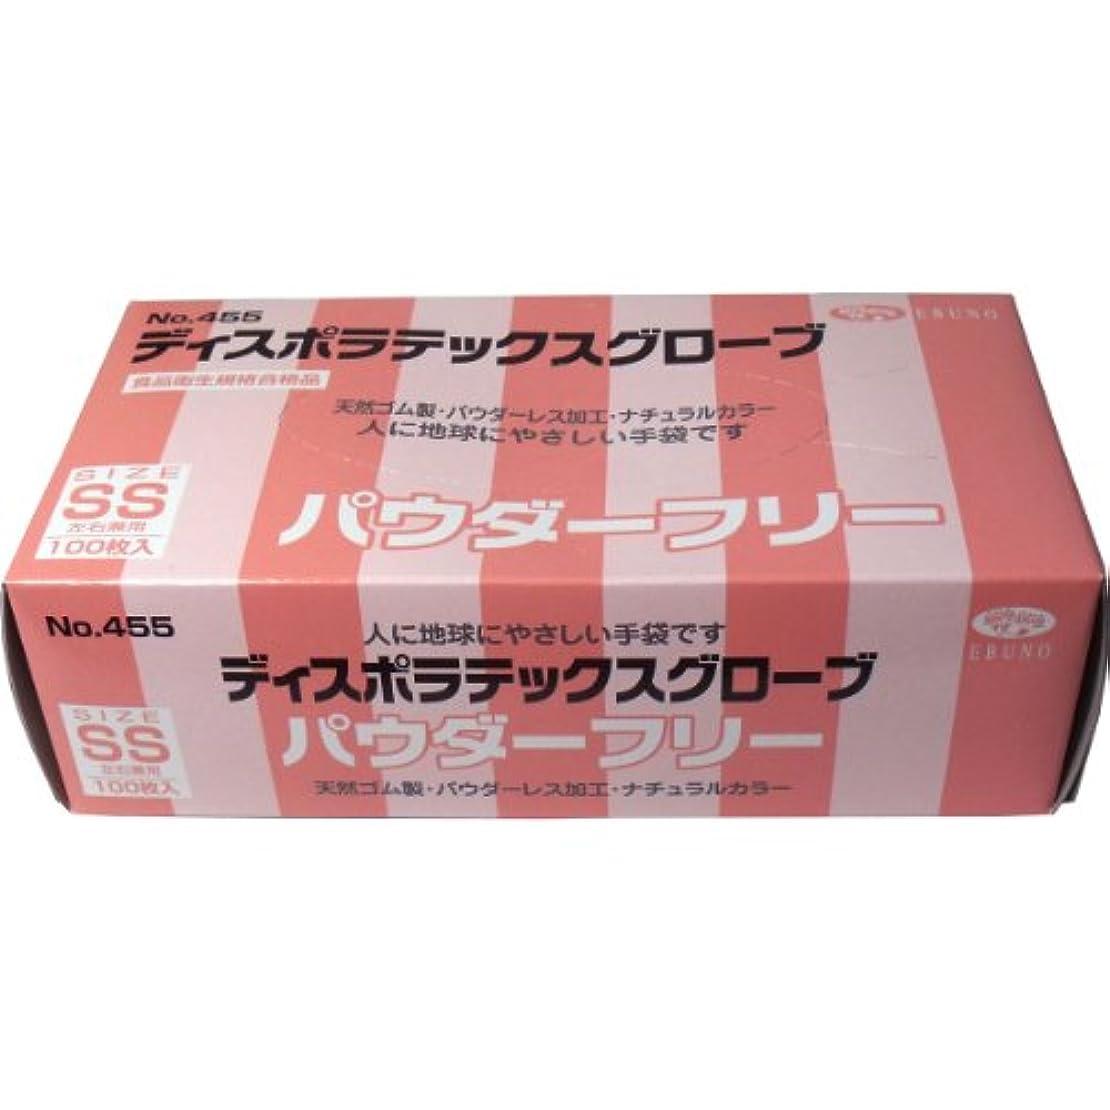 カストディアン欲しいです懐疑論ディスポ ラテックスグローブ(天然ゴム手袋) パウダーフリー SSサイズ 100枚入×2個セット